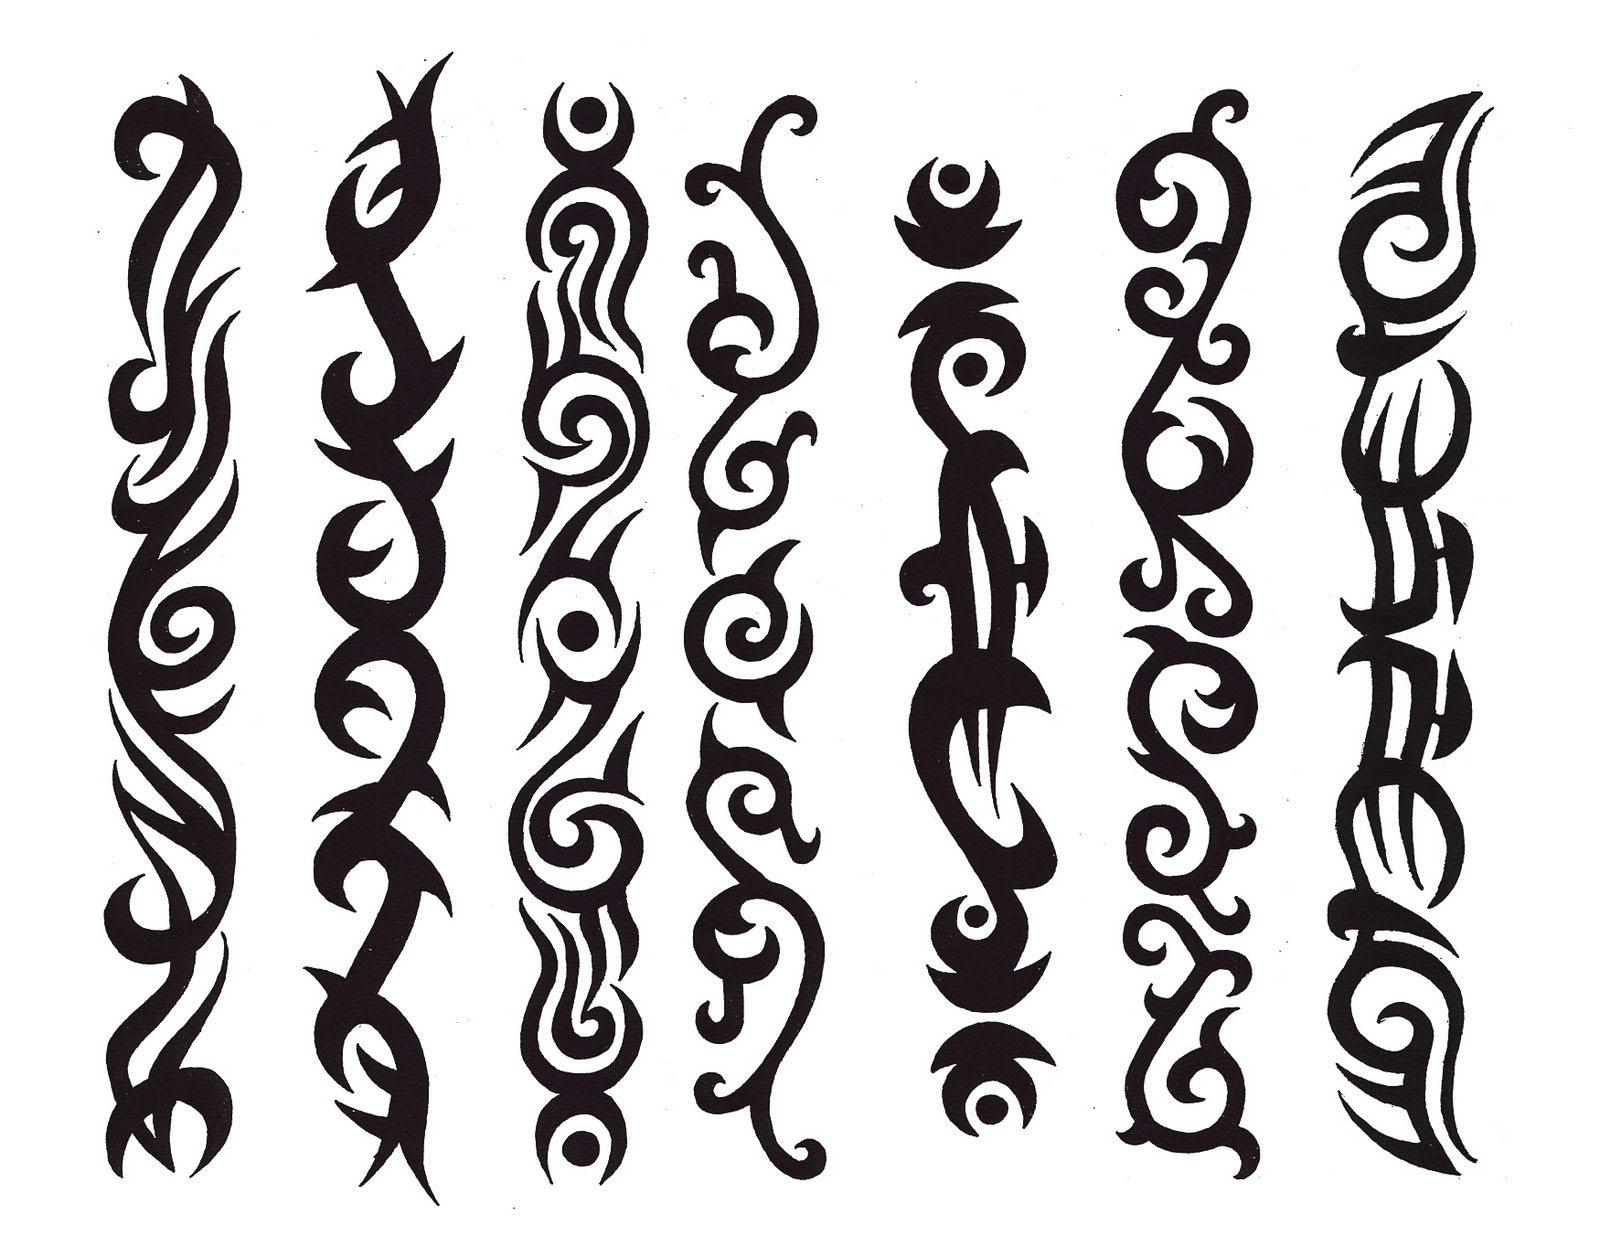 Disenos Tribales Innovadores: 199 Tatuajes Tribales Para Hombres Con Significado